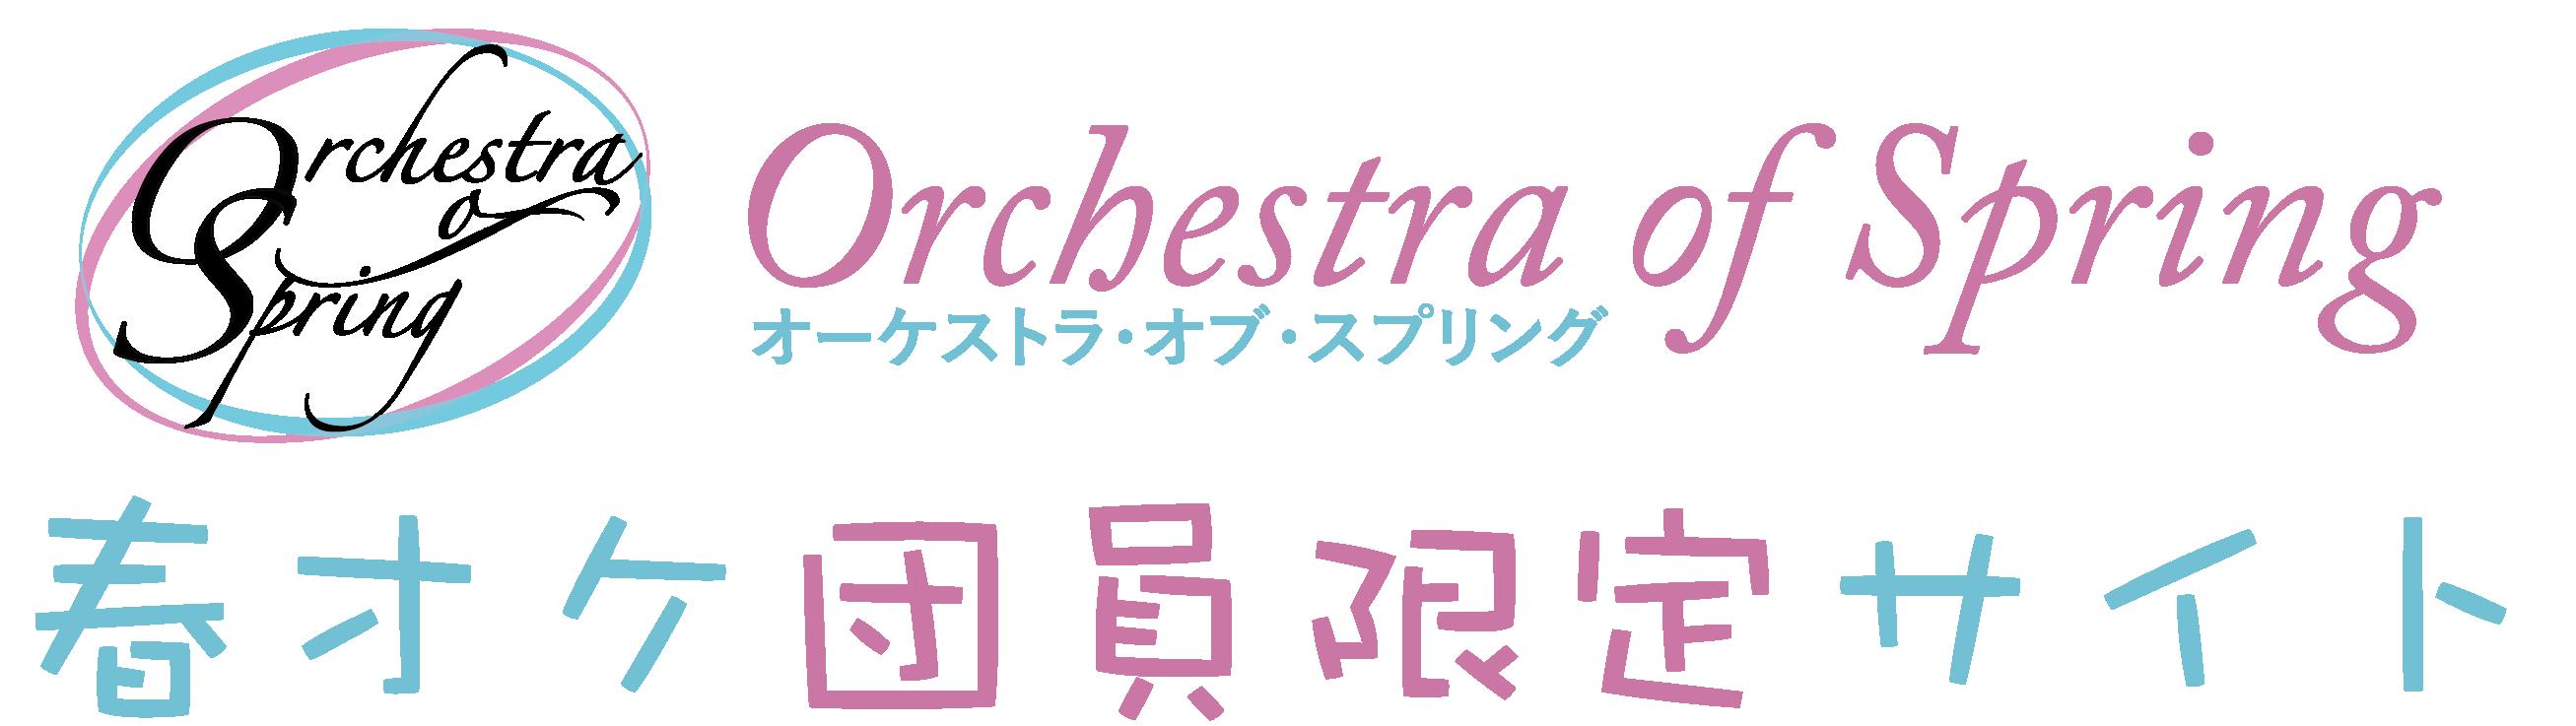 春オケ団員サイト